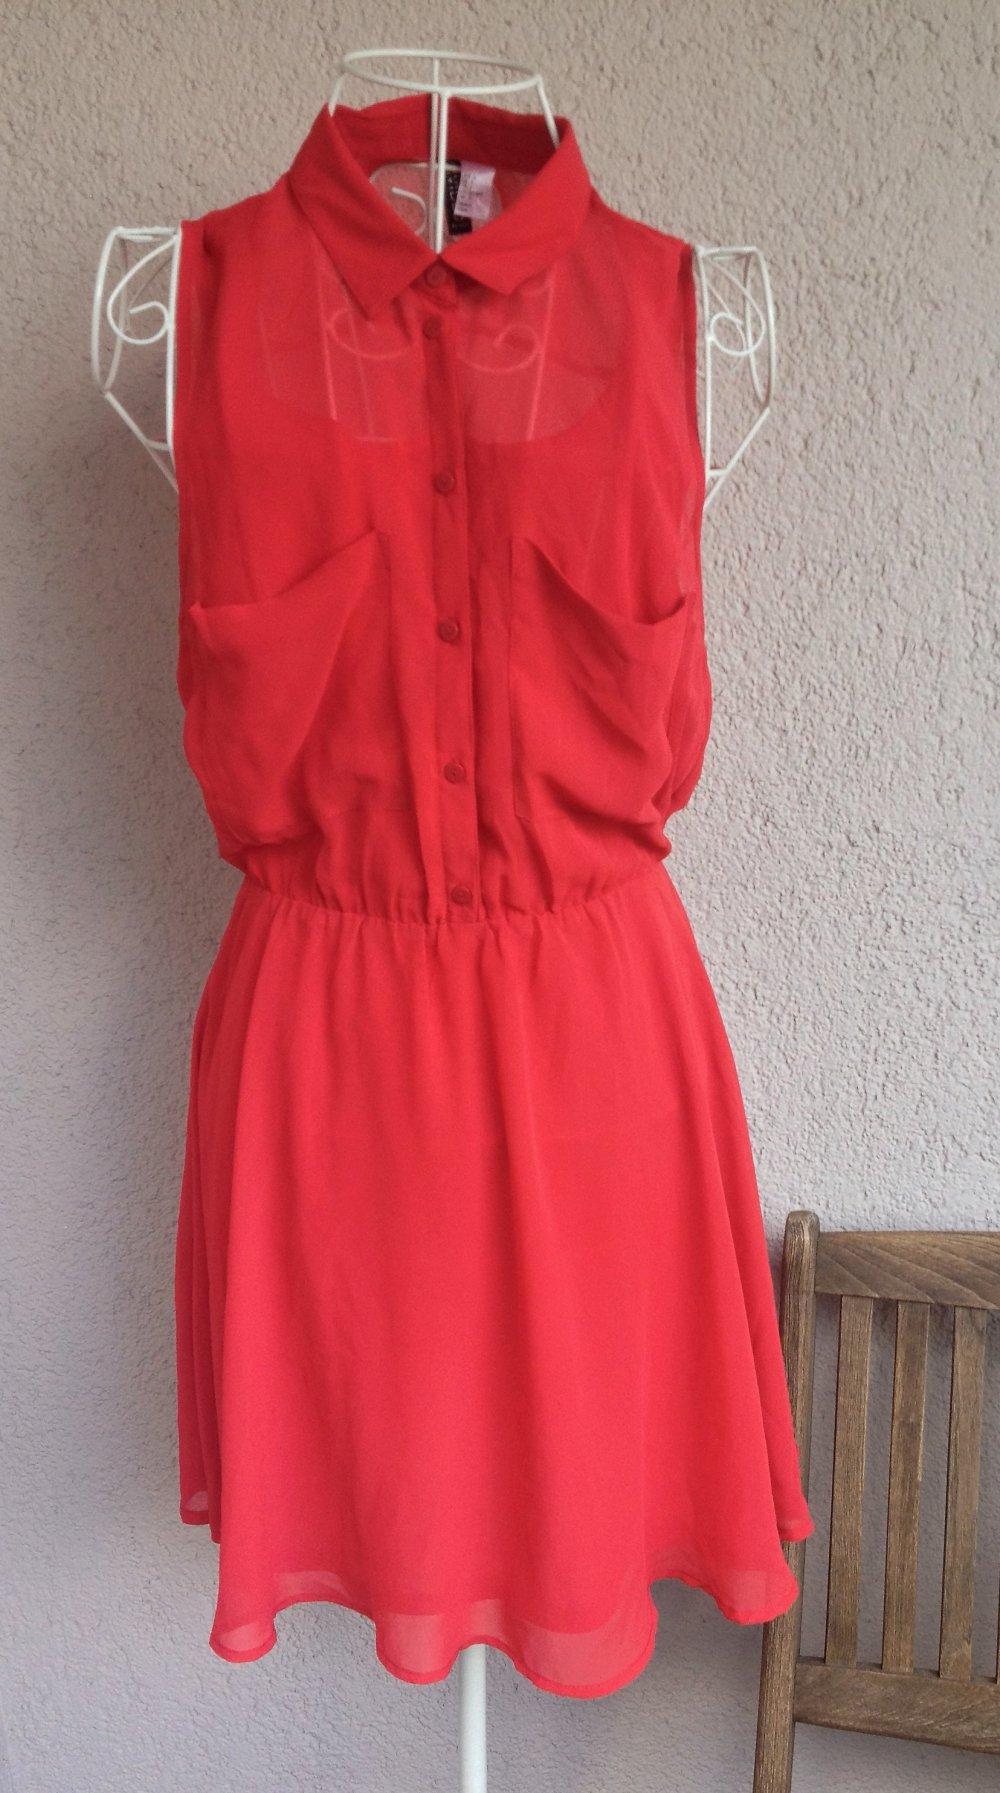 Wunderschönes rotes Kleid ohne Ärmel von H&M